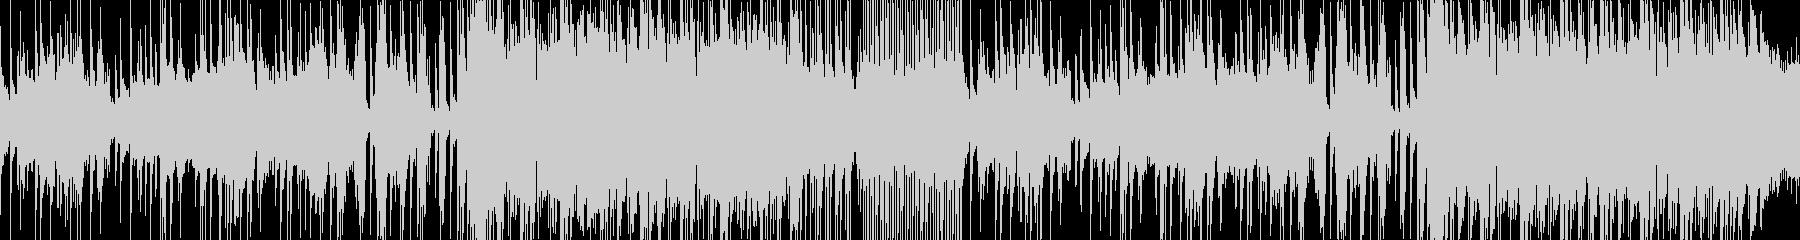 しみじみとした風情の尺八の和風曲ループの未再生の波形